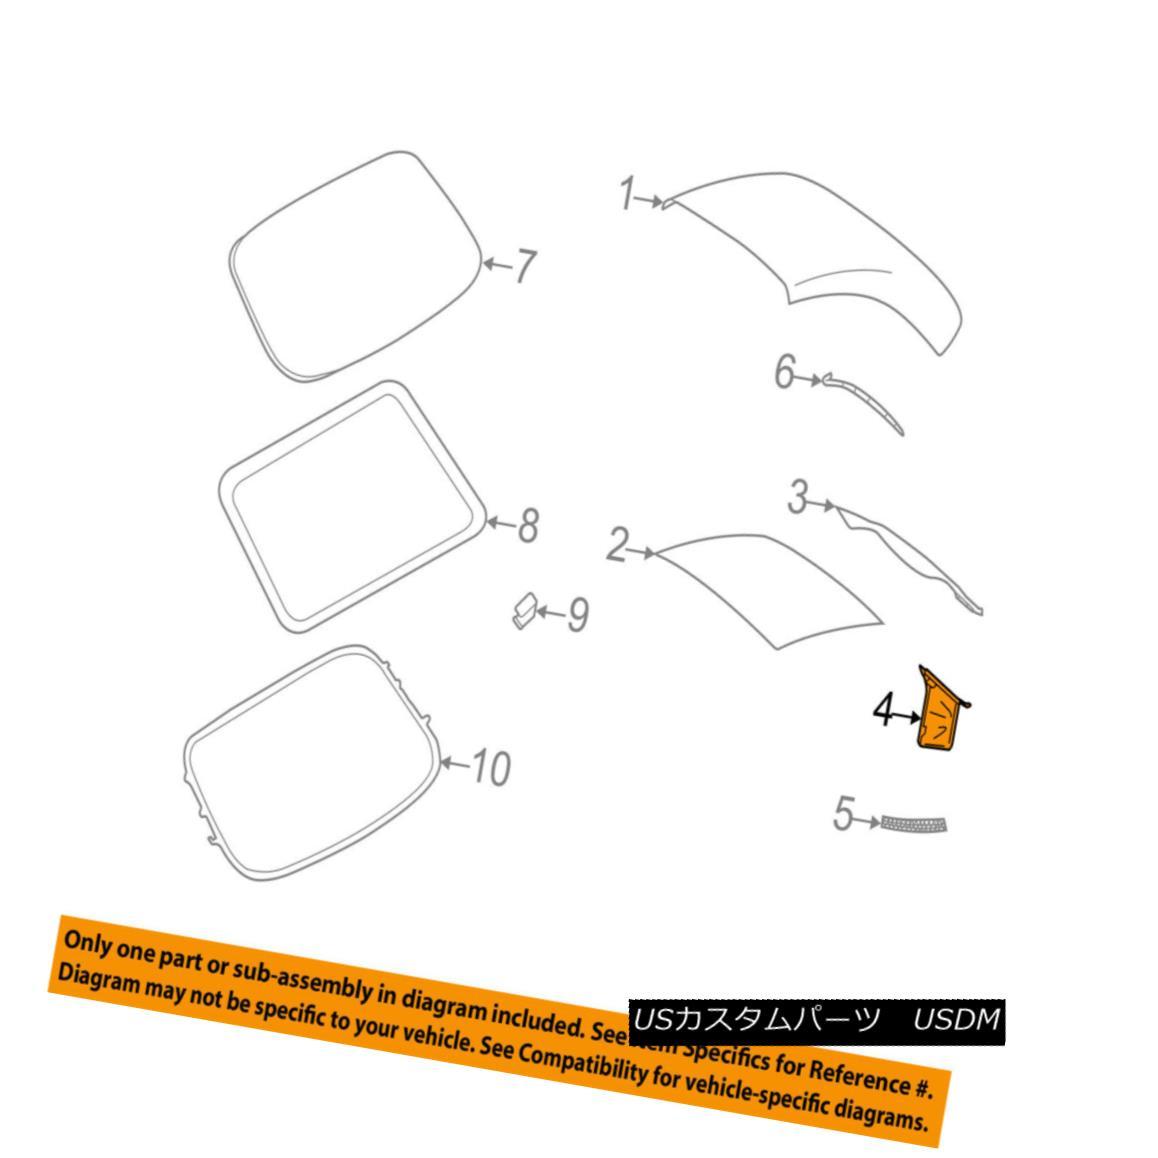 幌・ソフトトップ PORSCHE OEM 09-13 911 Convertible/soft Top-Storage Bag Left 99756109502A21 PORSCHE OEM 09-13 911コンバーチブル/ so ftトップ収納バッグ左99756109502A21